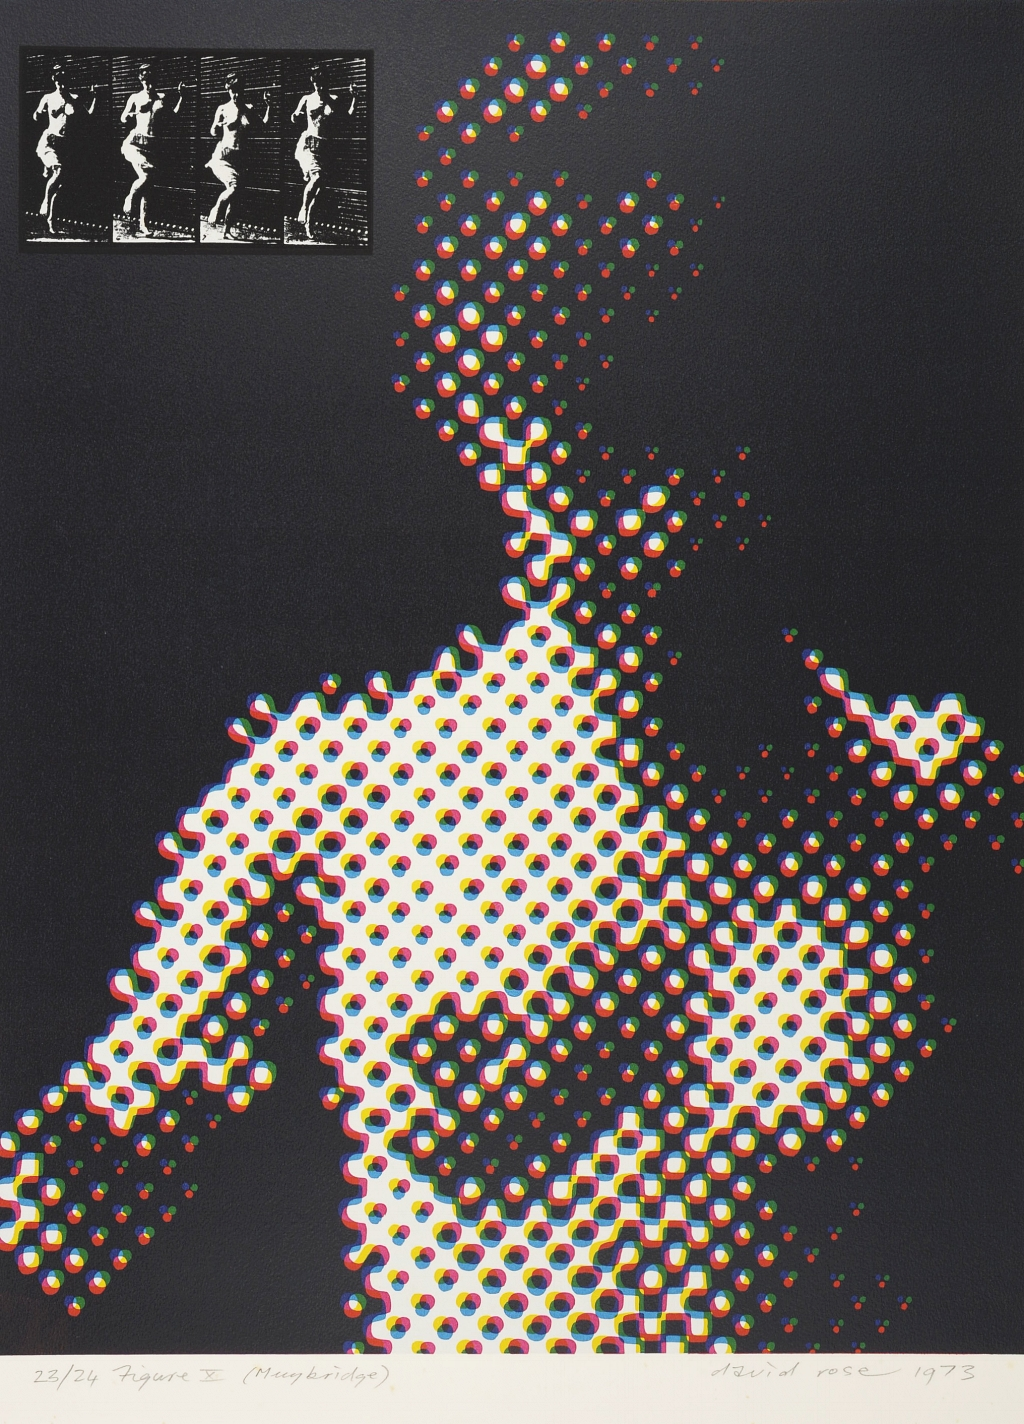 1973 Figure X (Muybridge).JPG